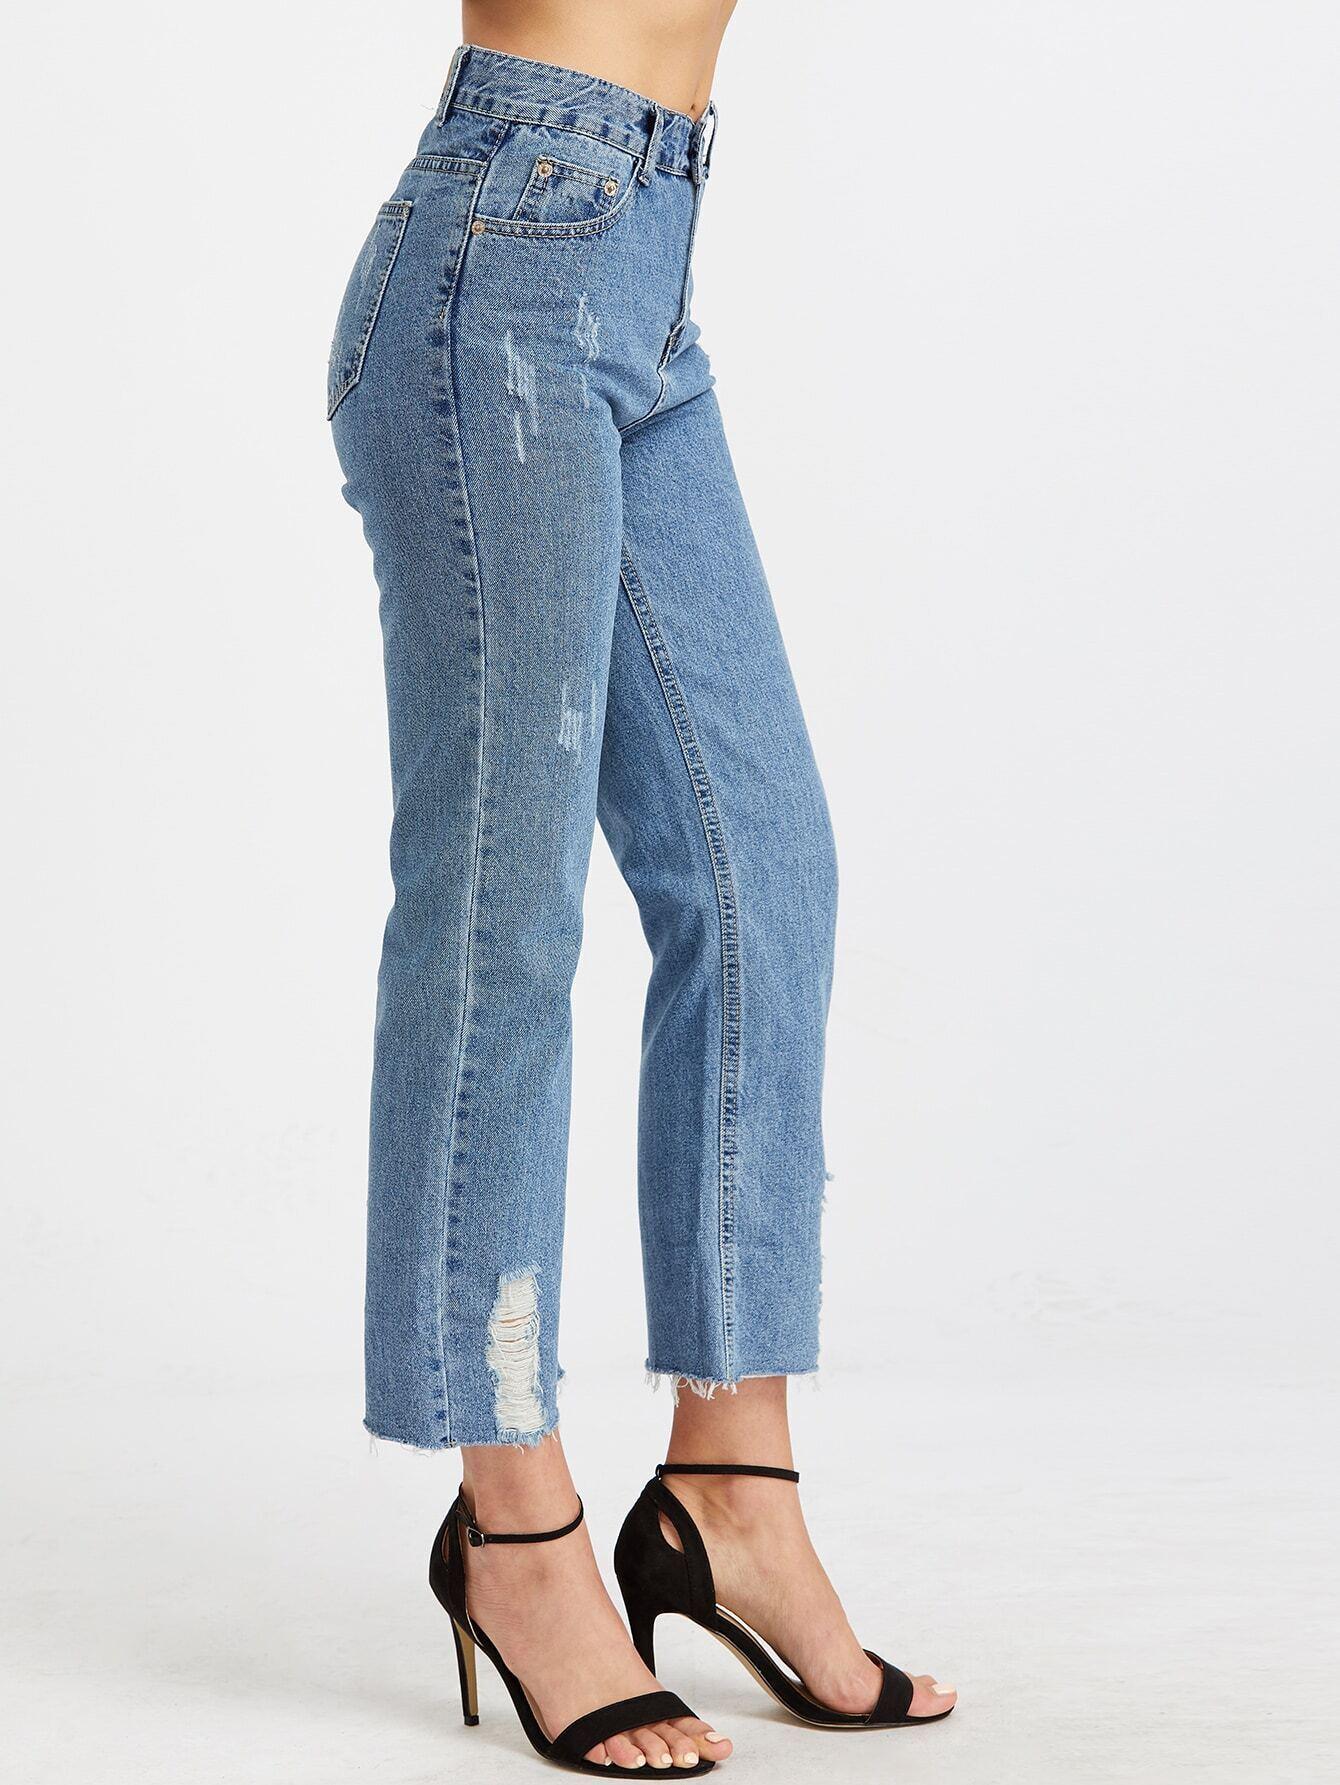 pants170228001_2